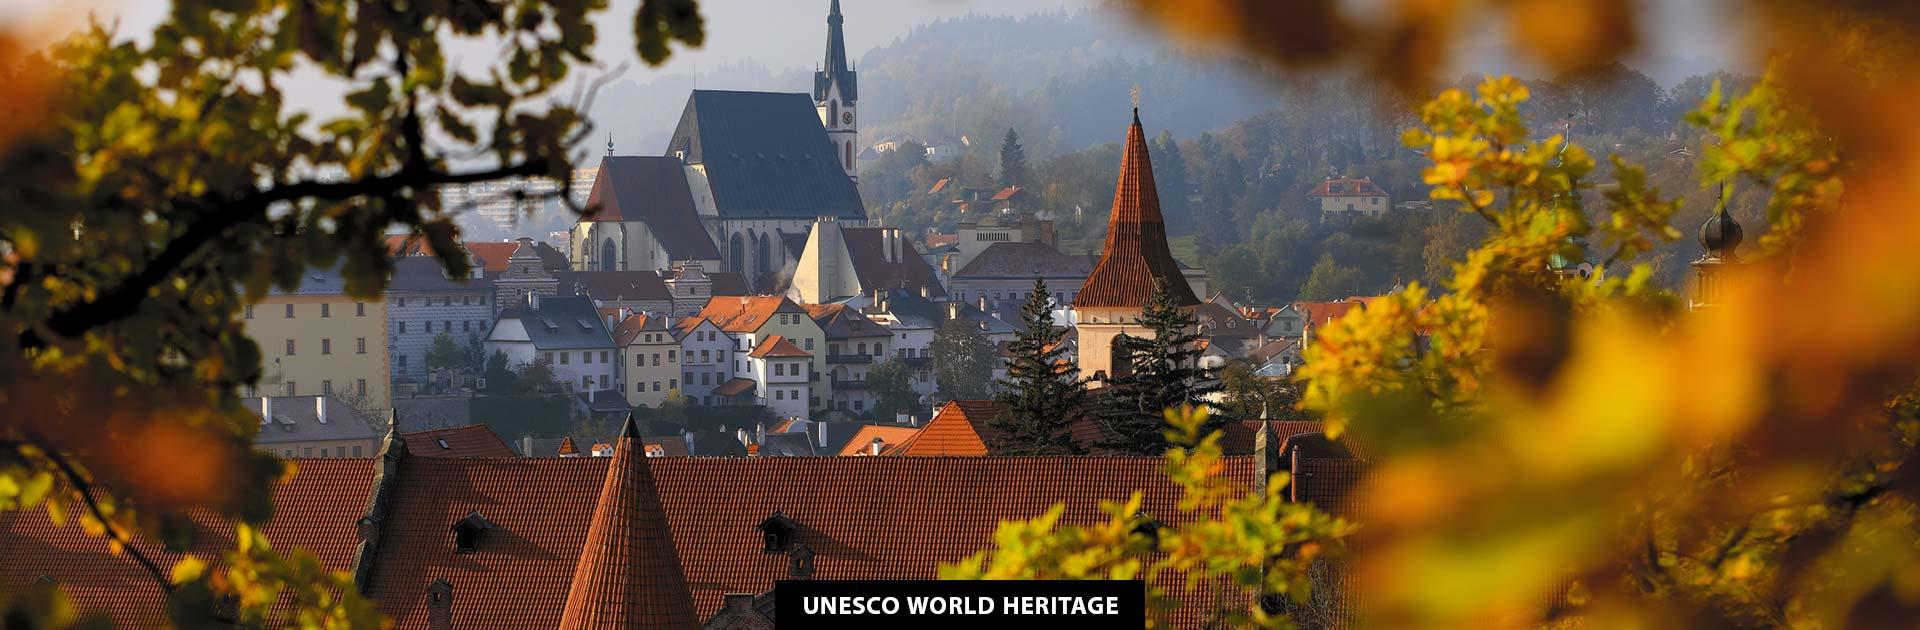 Podzimní průhled na kostel a klášter